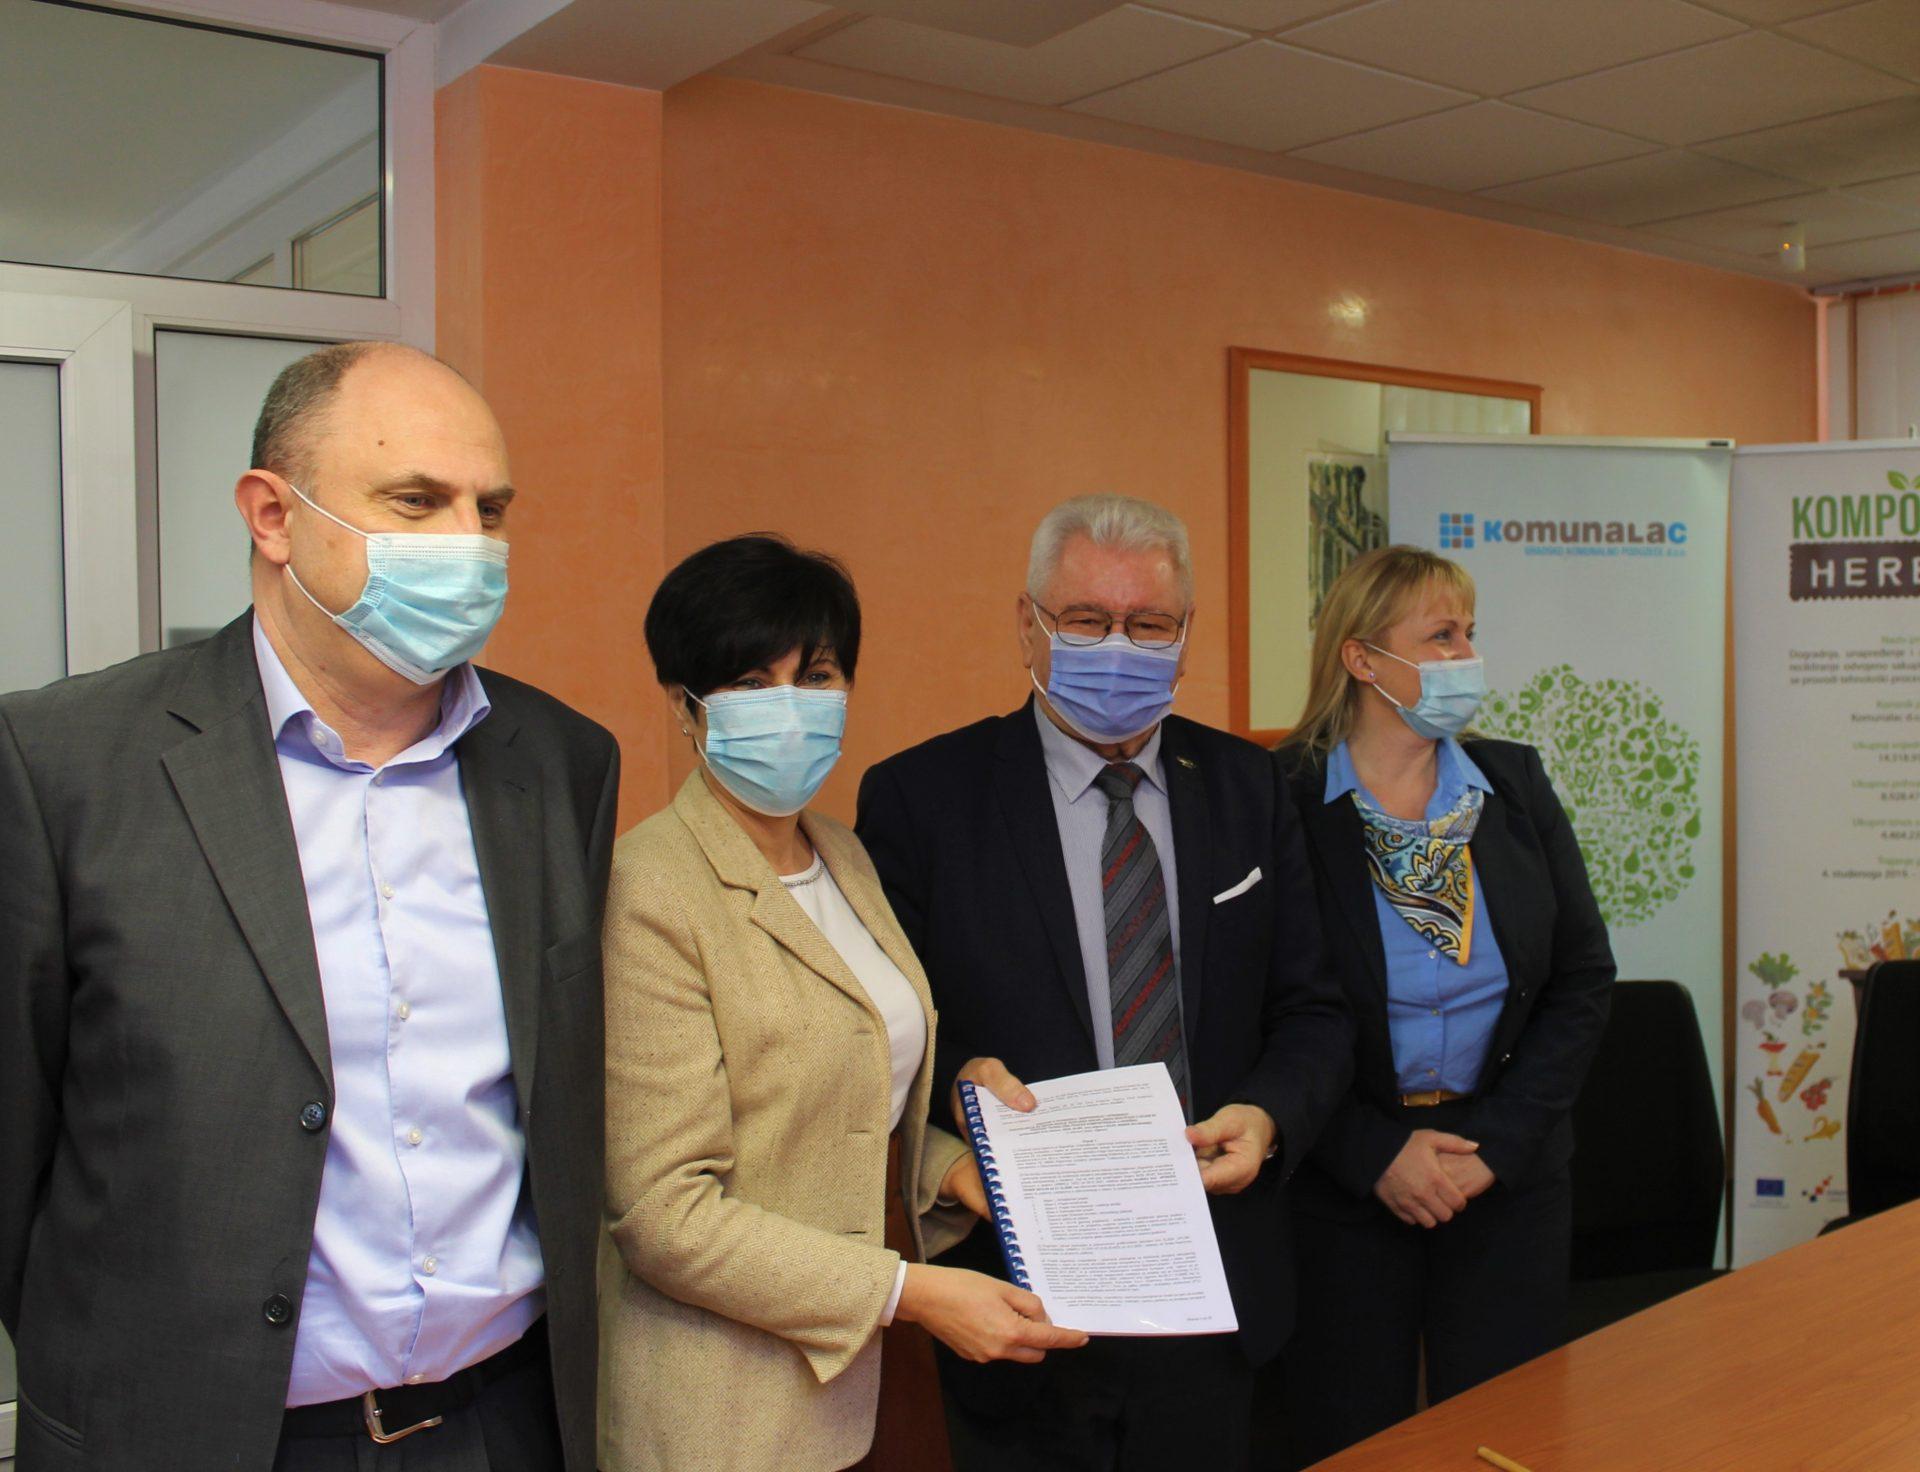 Svečano potpisan ugovor za projekt Dogradnja, unapređenje i opremanje postrojenja za recikliranje odvojeno sakupljenog biootpada u kojem se provodi tehnološki proces kompostiranja u Herešinu